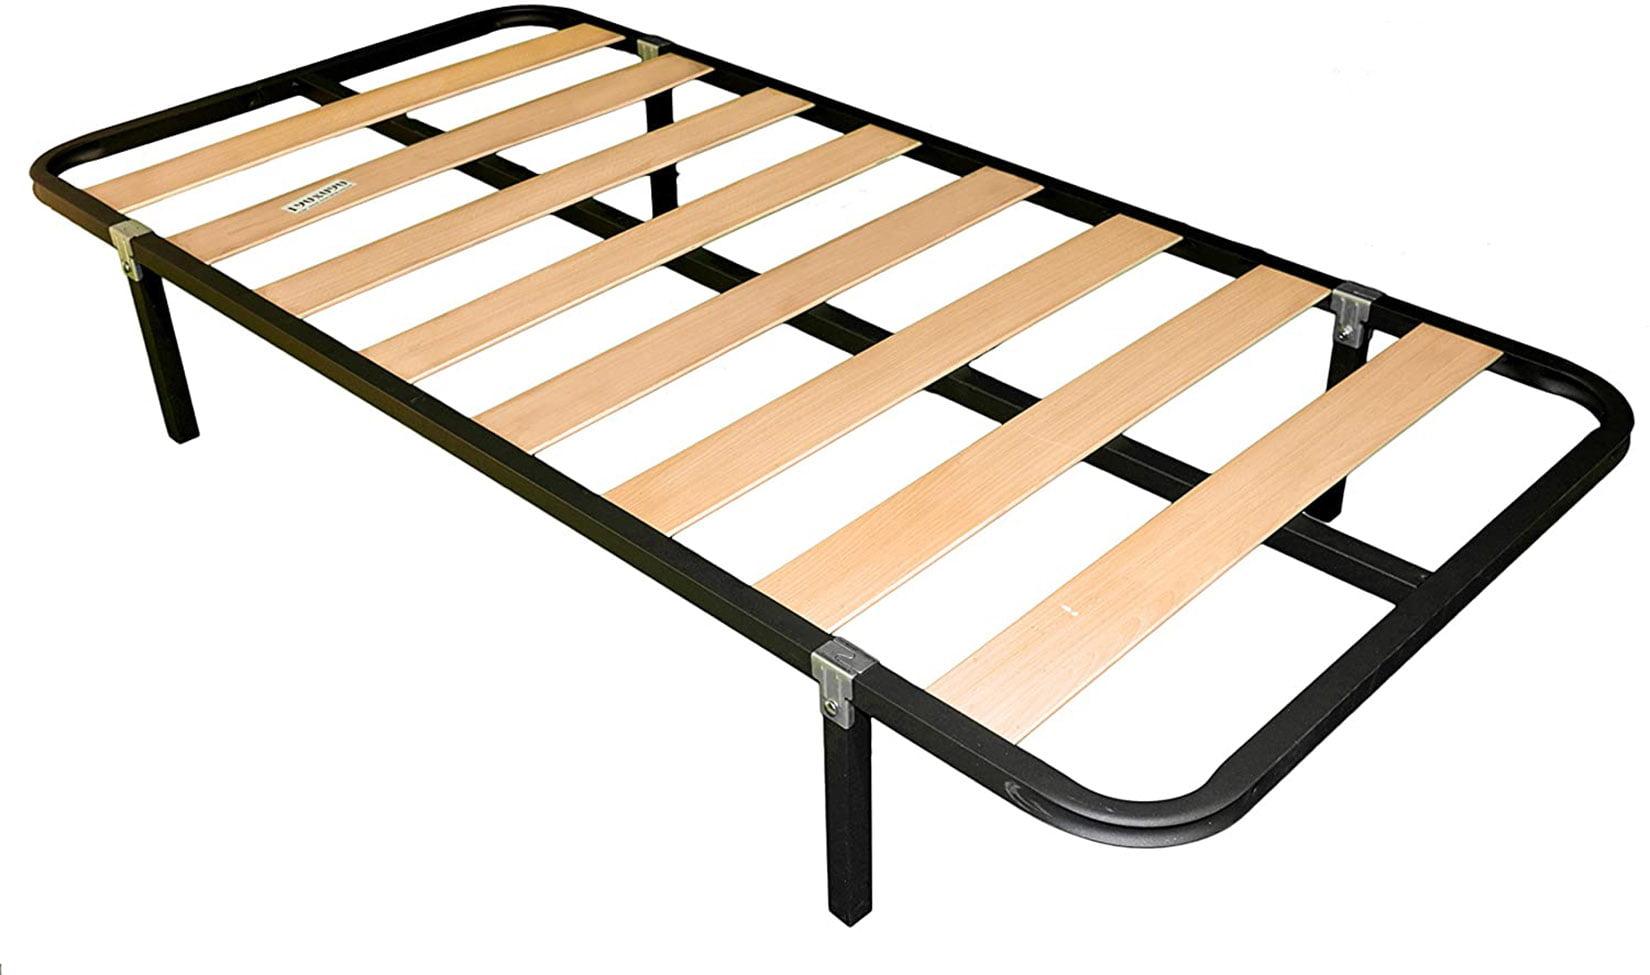 Yatağınıza göre ihtiyaç duyduğunuz baza tipi budur.